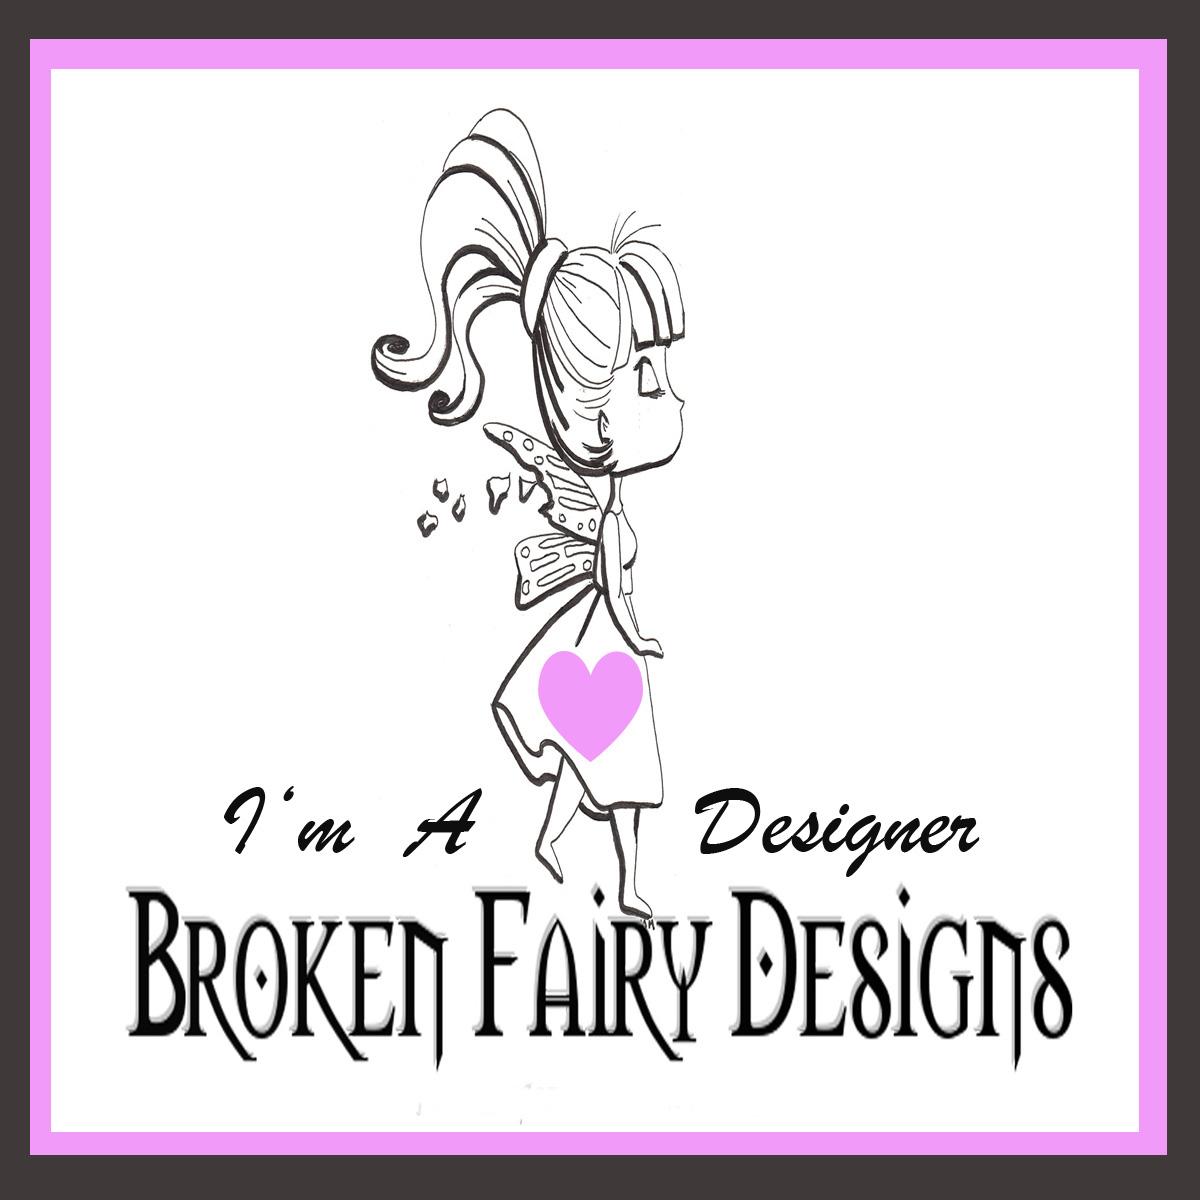 BFD Designer